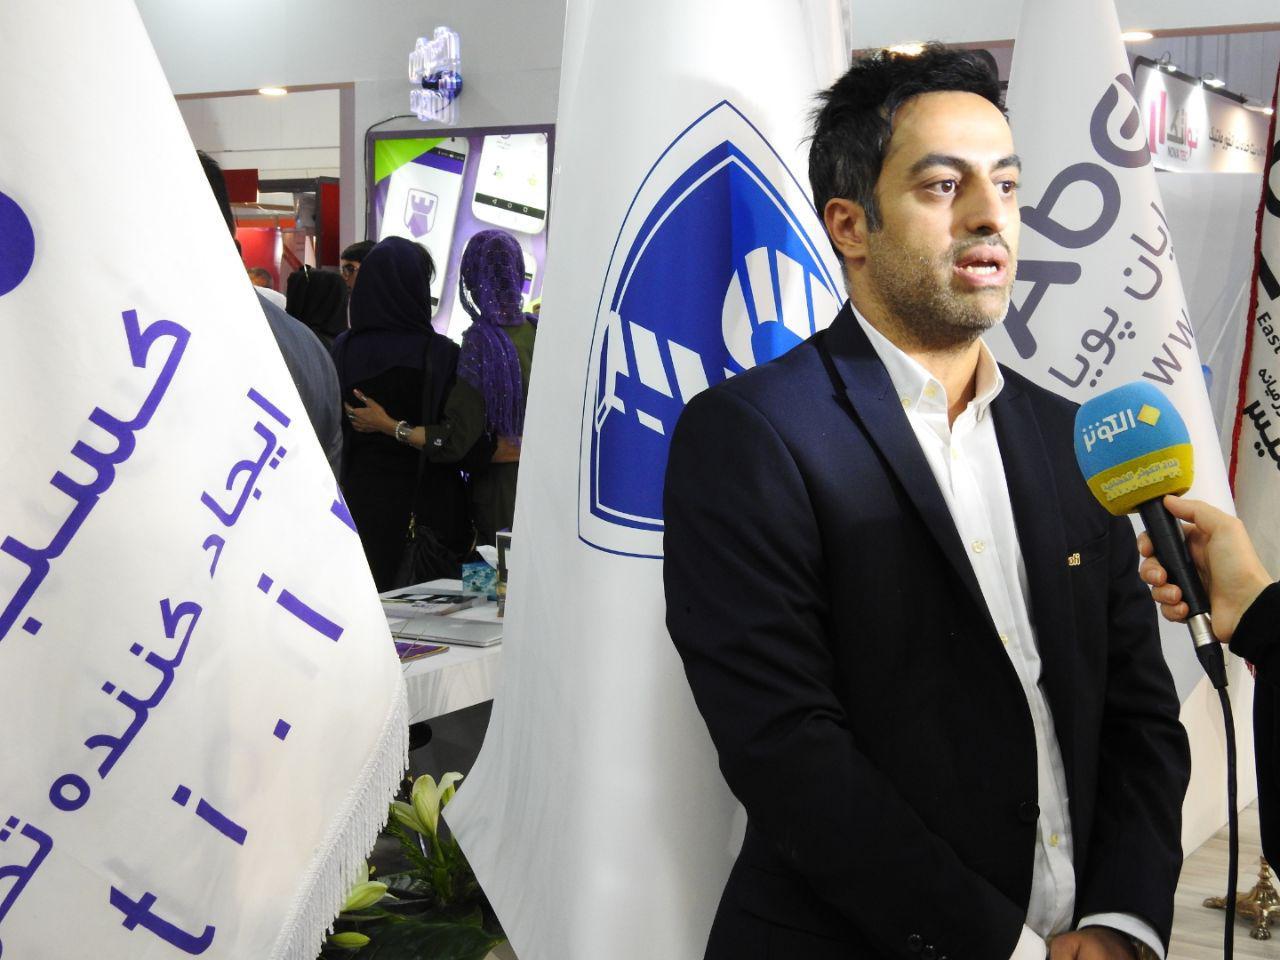 مصاحبه مهندس البرز با شبکه الکوثر